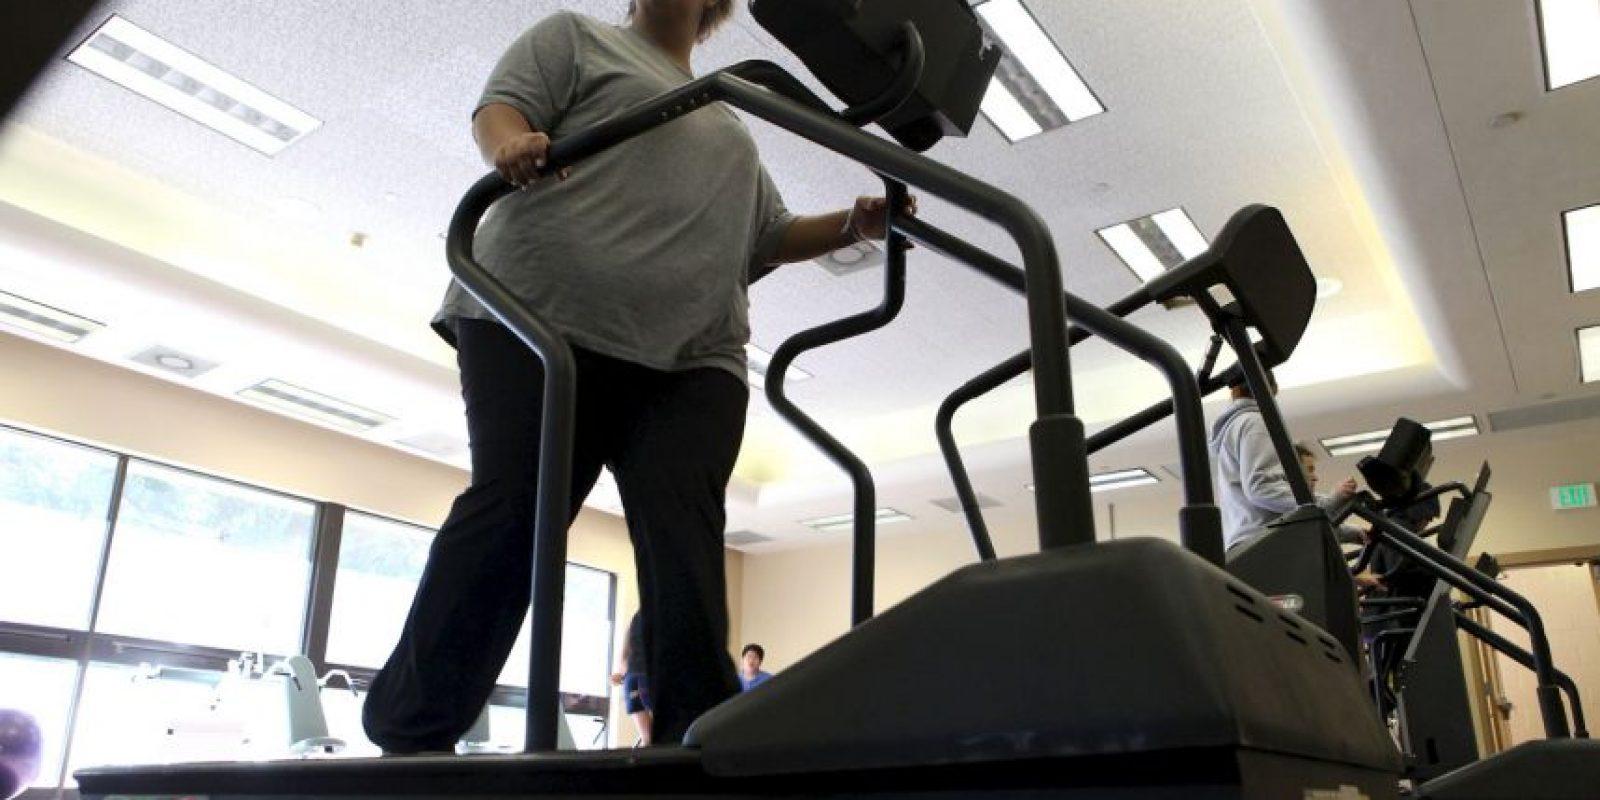 Comprobaron que las personas con sobrepeso (un índice de masa corporal, o IMC, de 25) perdían de 0 a 3 años de expectativa de vida, dependiendo de su edad y género. Foto:Getty Images